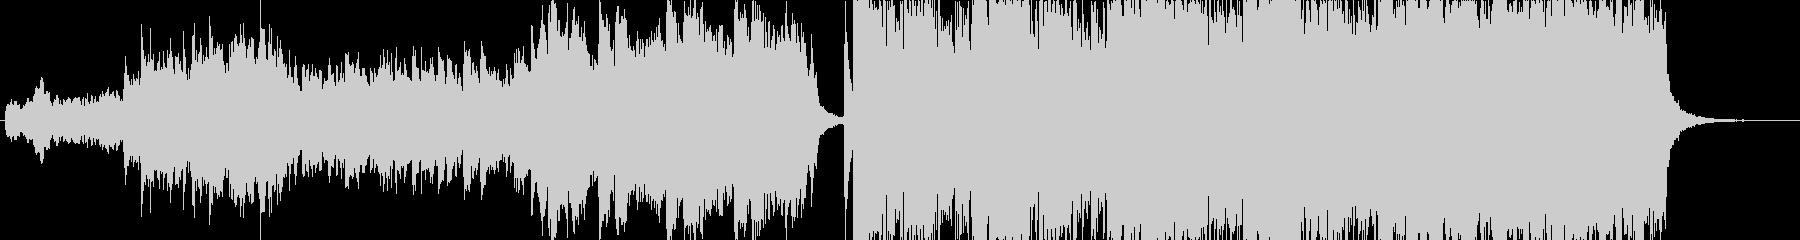 ハリウッド風ピアノ&オーケストラ-短縮版の未再生の波形